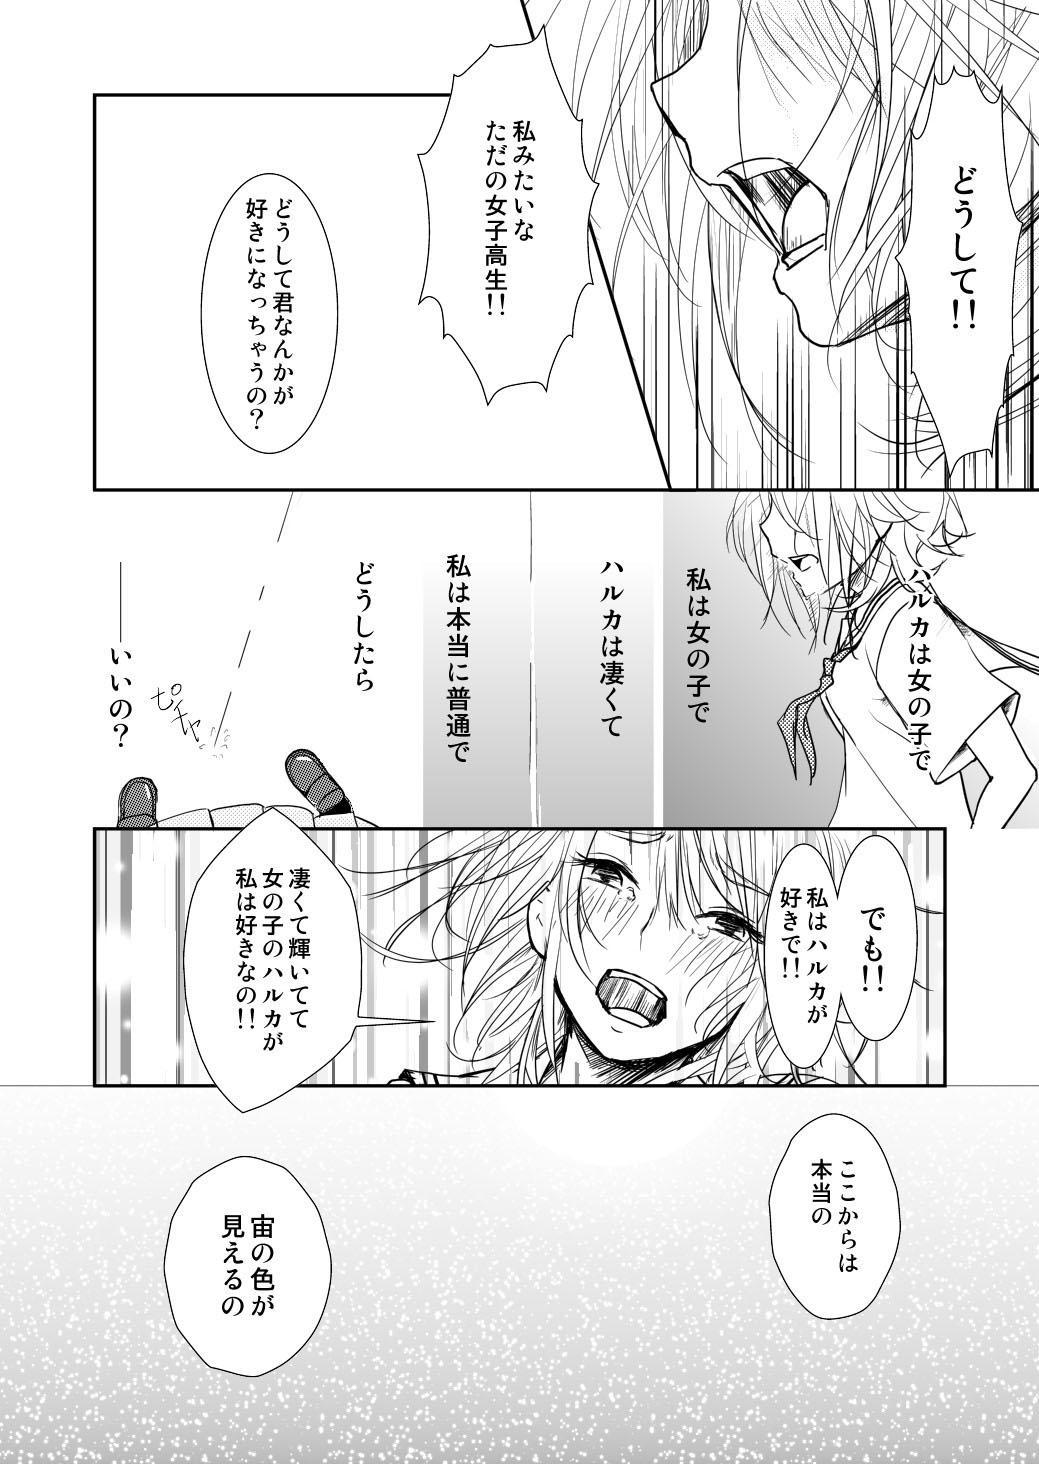 Yakusoku no Sora to Kimigaita Basho 1 ~ 2 29